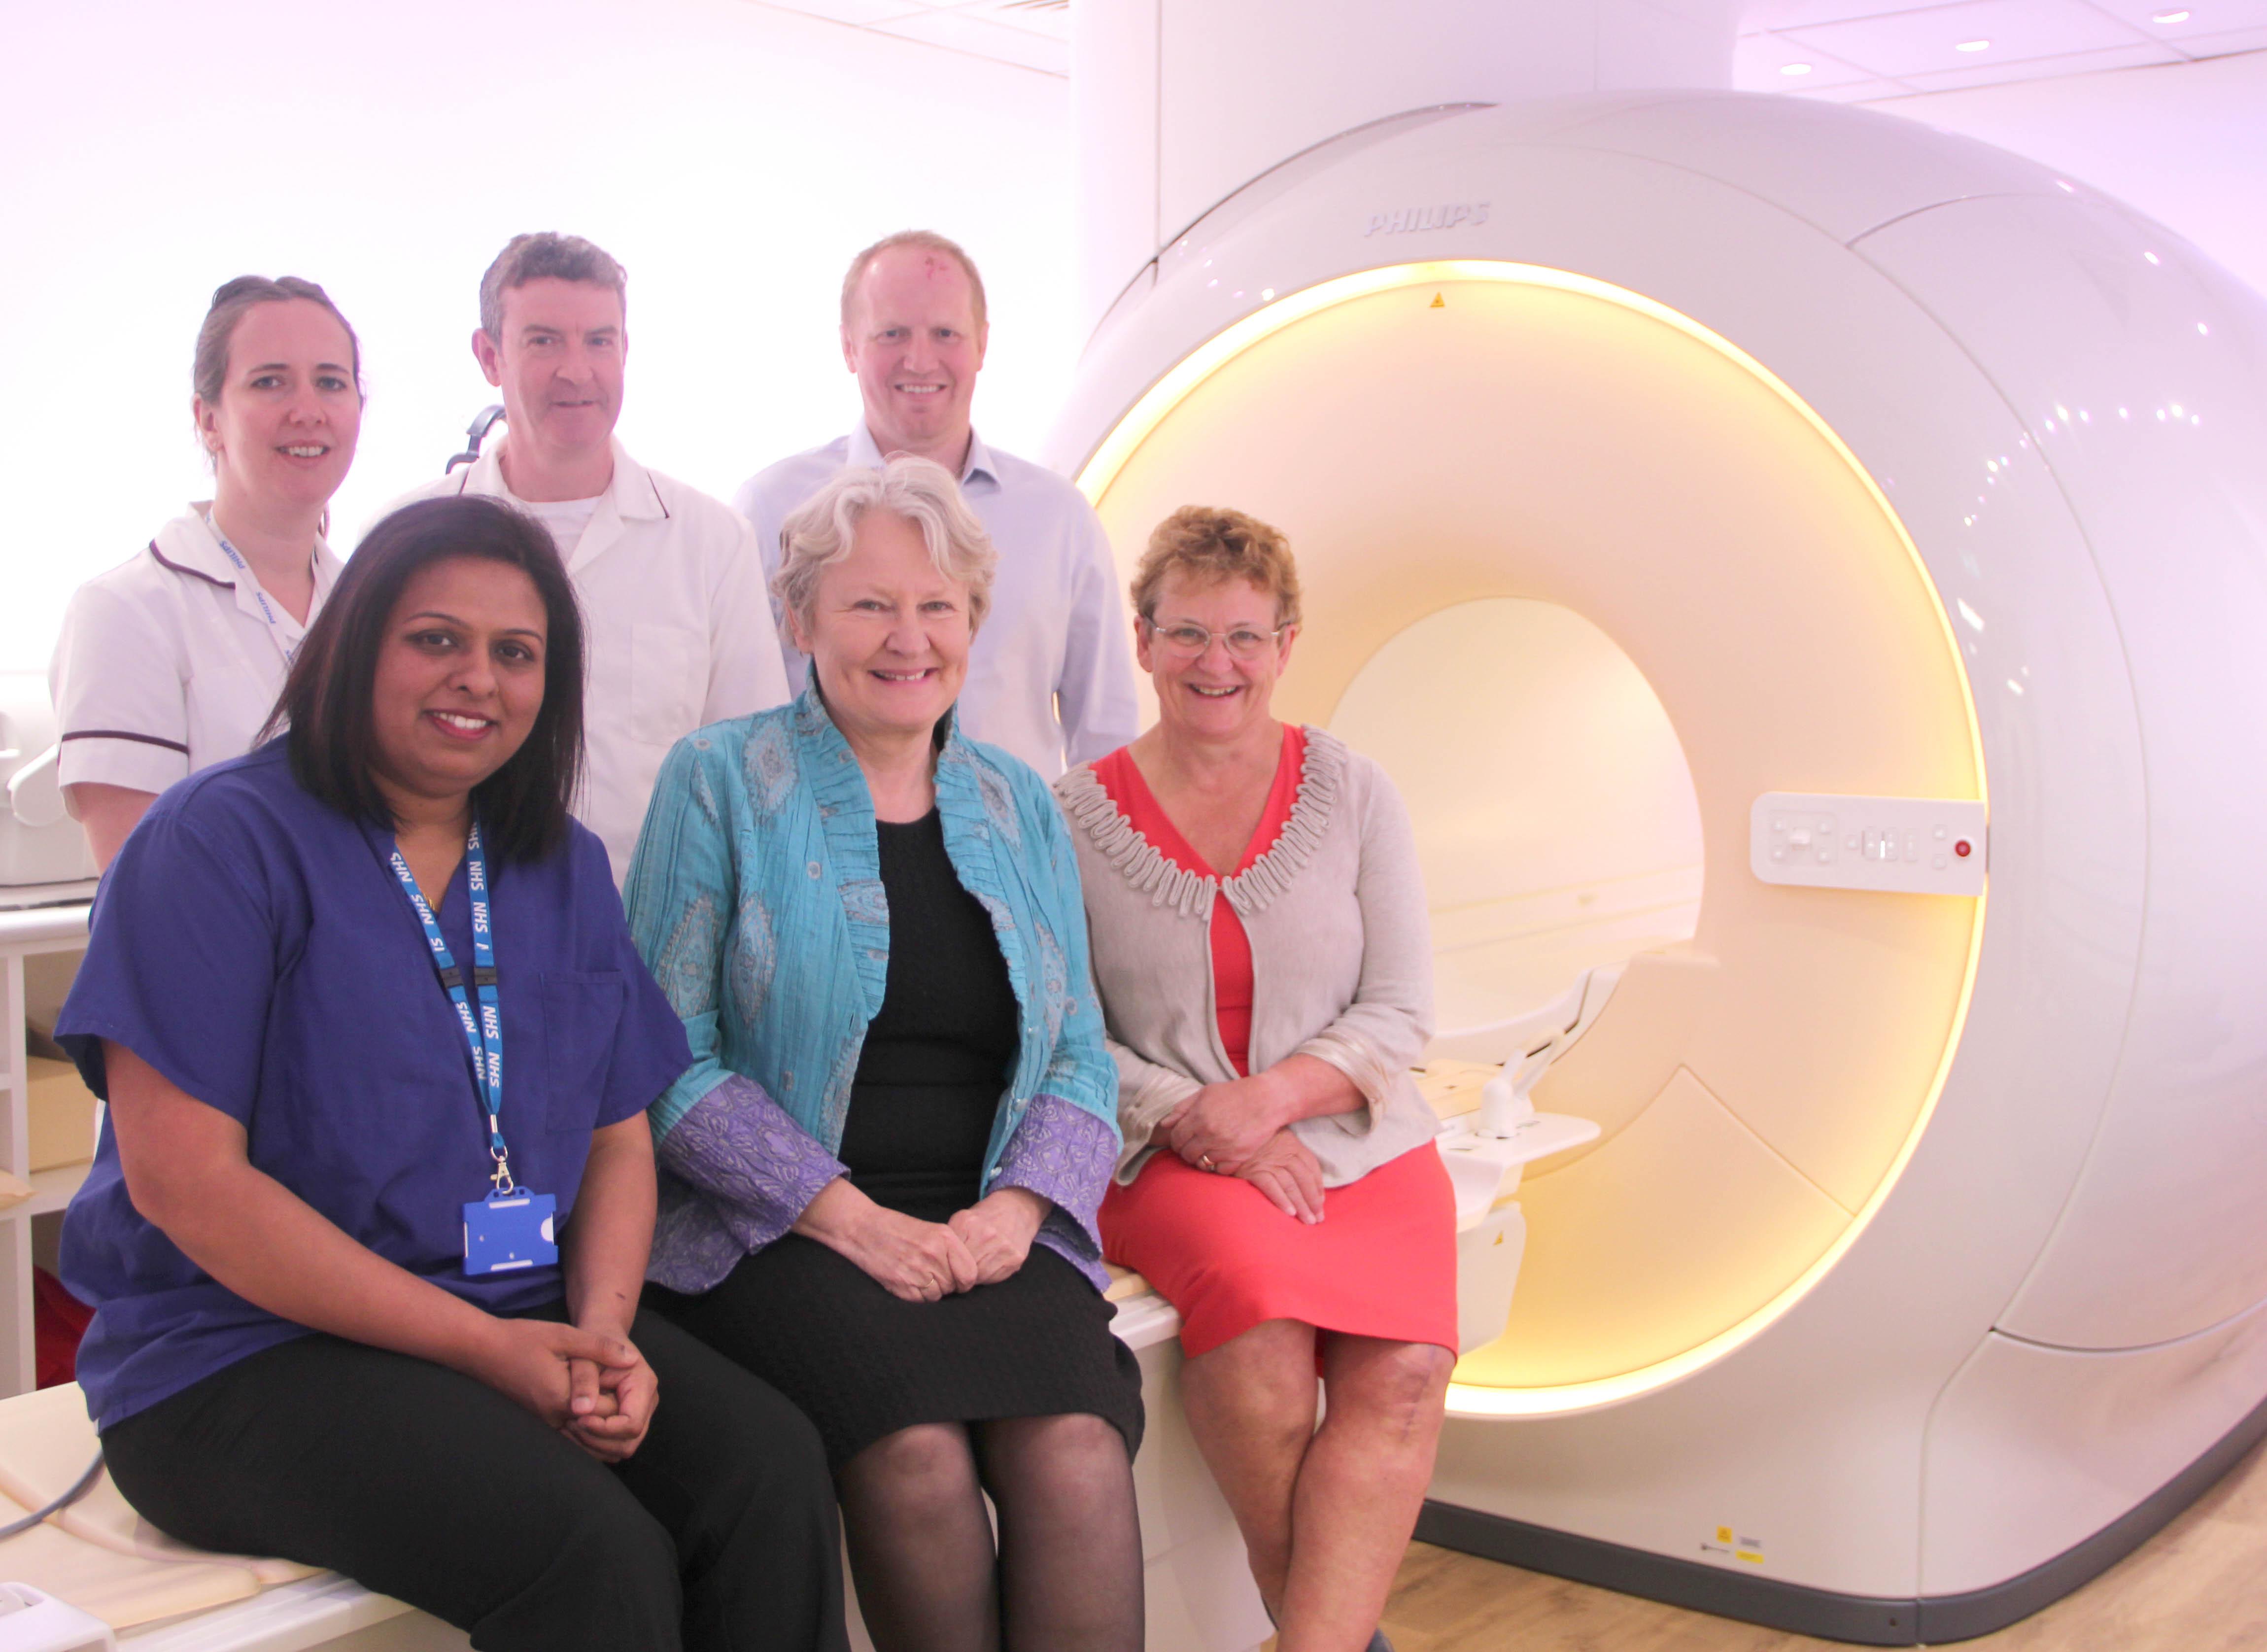 MP Visits New MRI Scanner Unit at Bishop Auckland